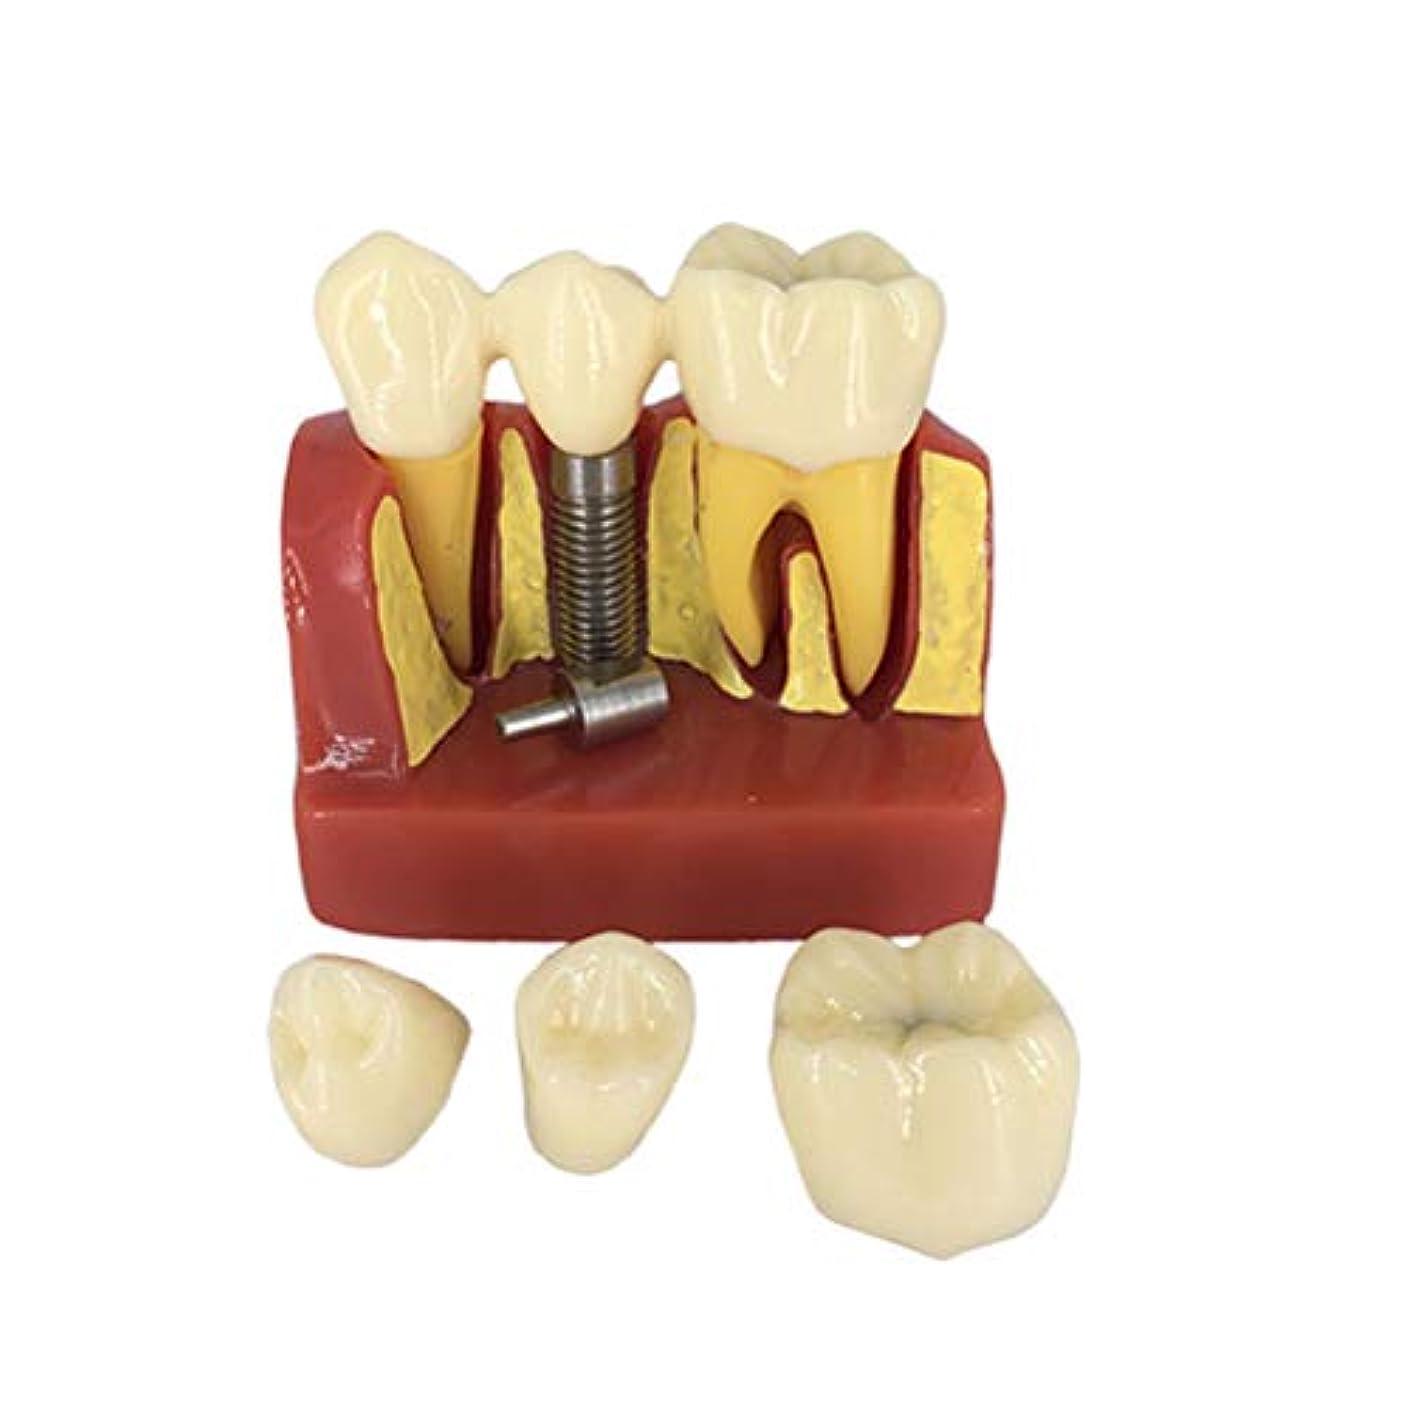 謙虚フォーカスジョブHEALIFTY デンタルデモンストレーション歯モデルデンタルモードを教える標準的な研究